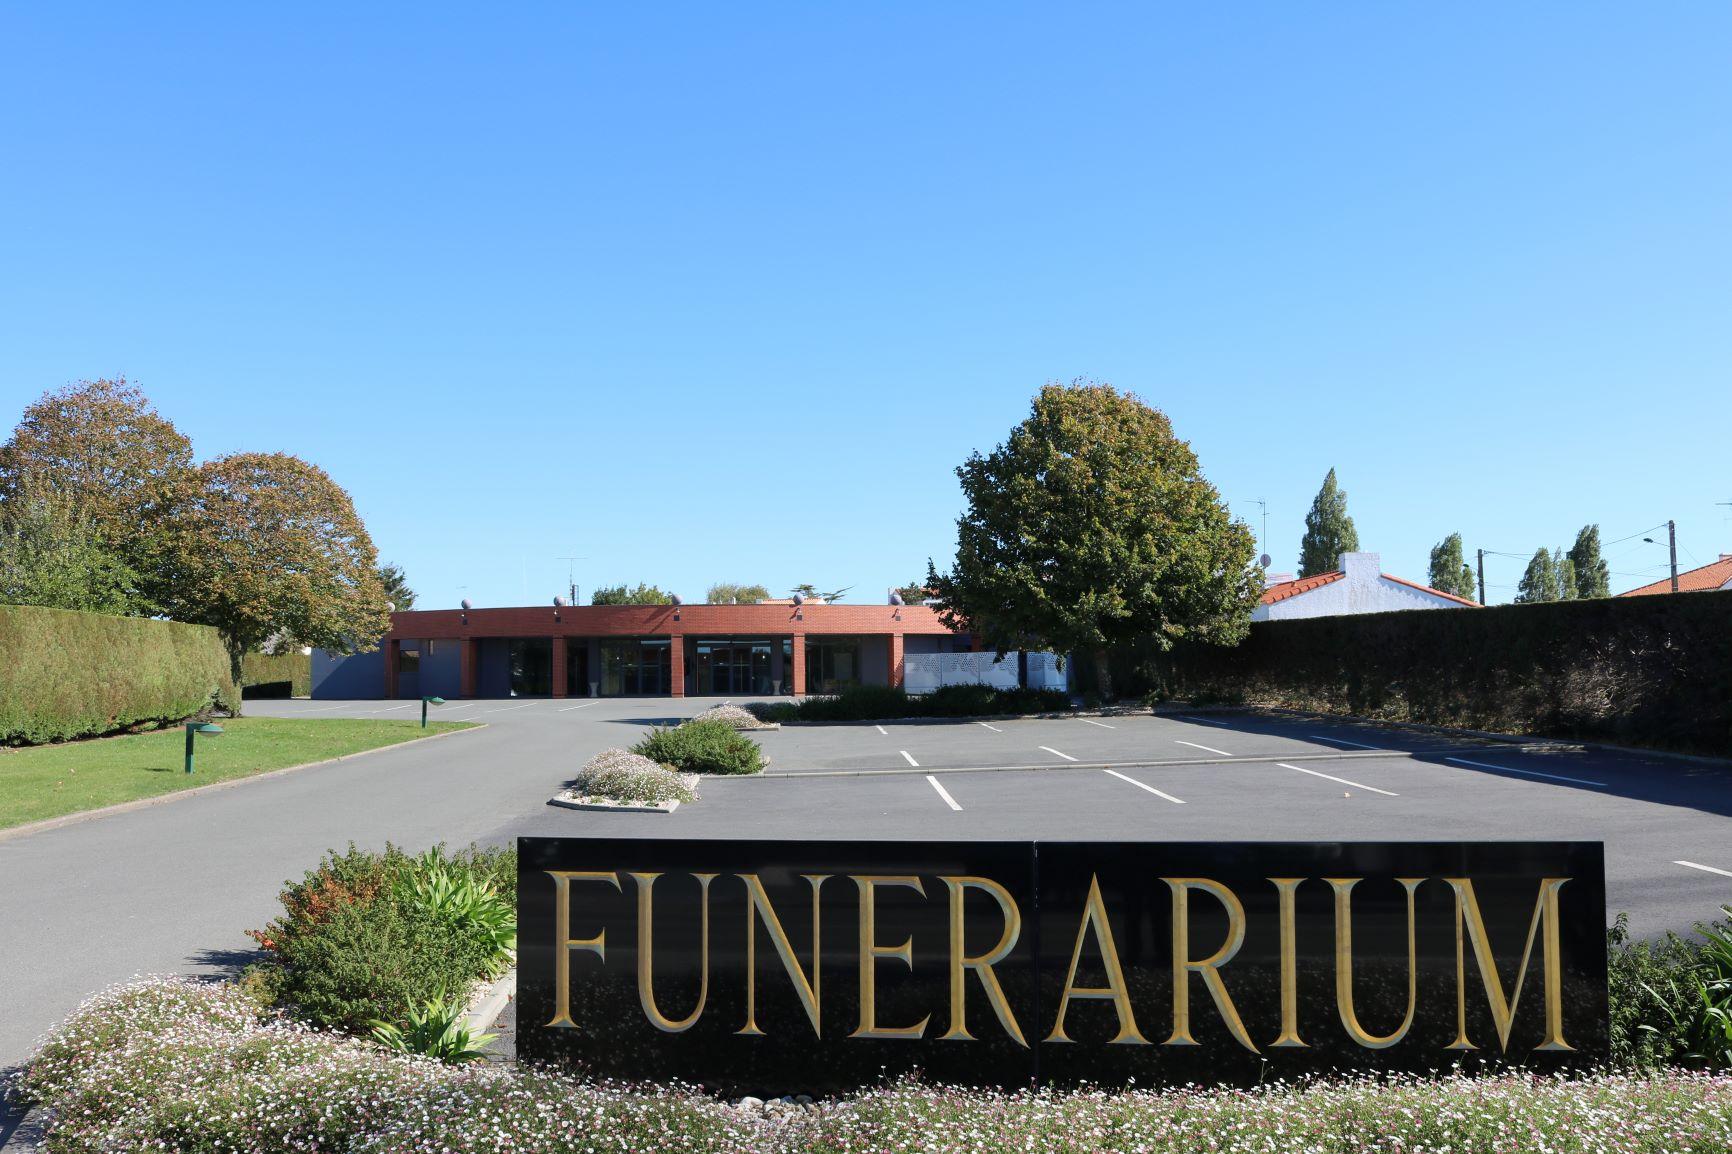 Reconfinement : quelles restrictions pour les cérémonies funéraires ?